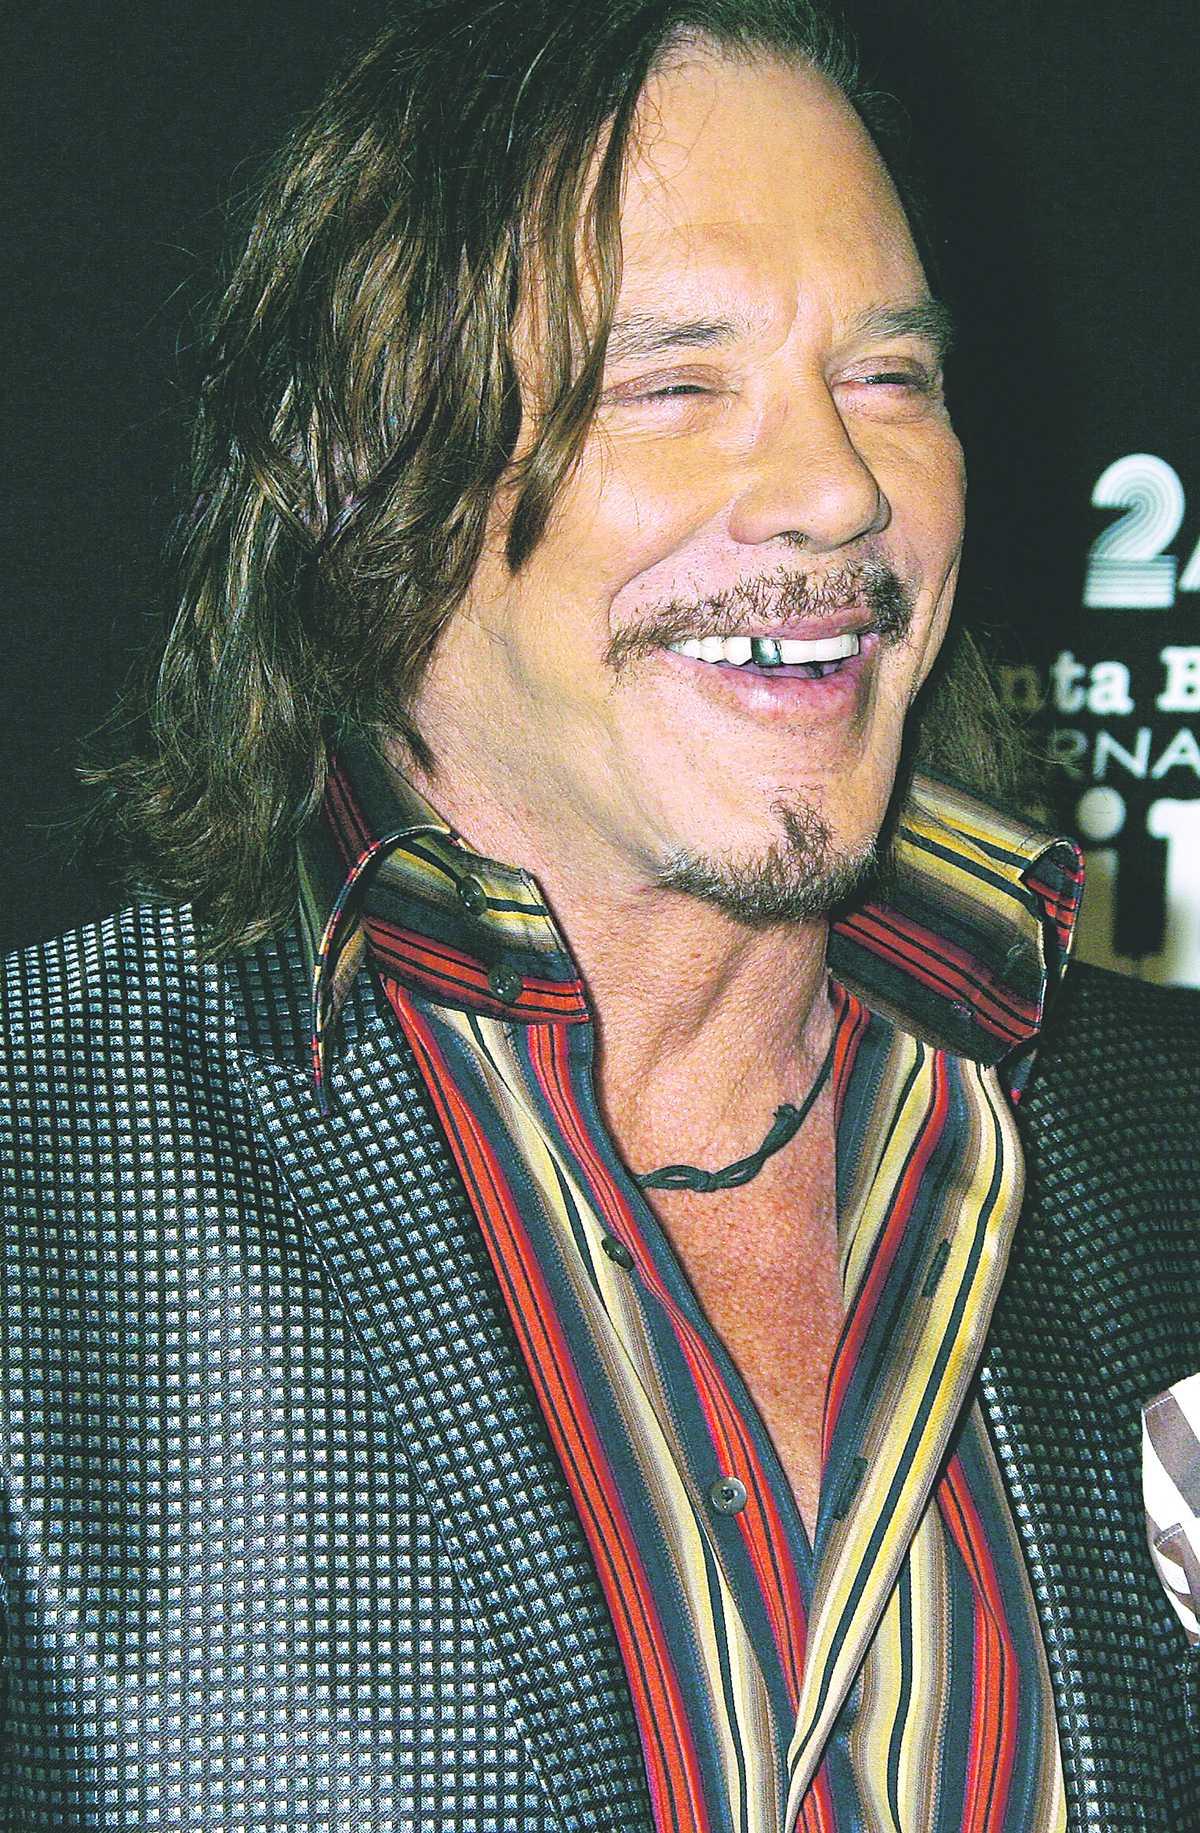 Nära till skratt – och gråt. Mickey Rourke blir känslosam flera gånger under intervjun med Nöjesbladet.